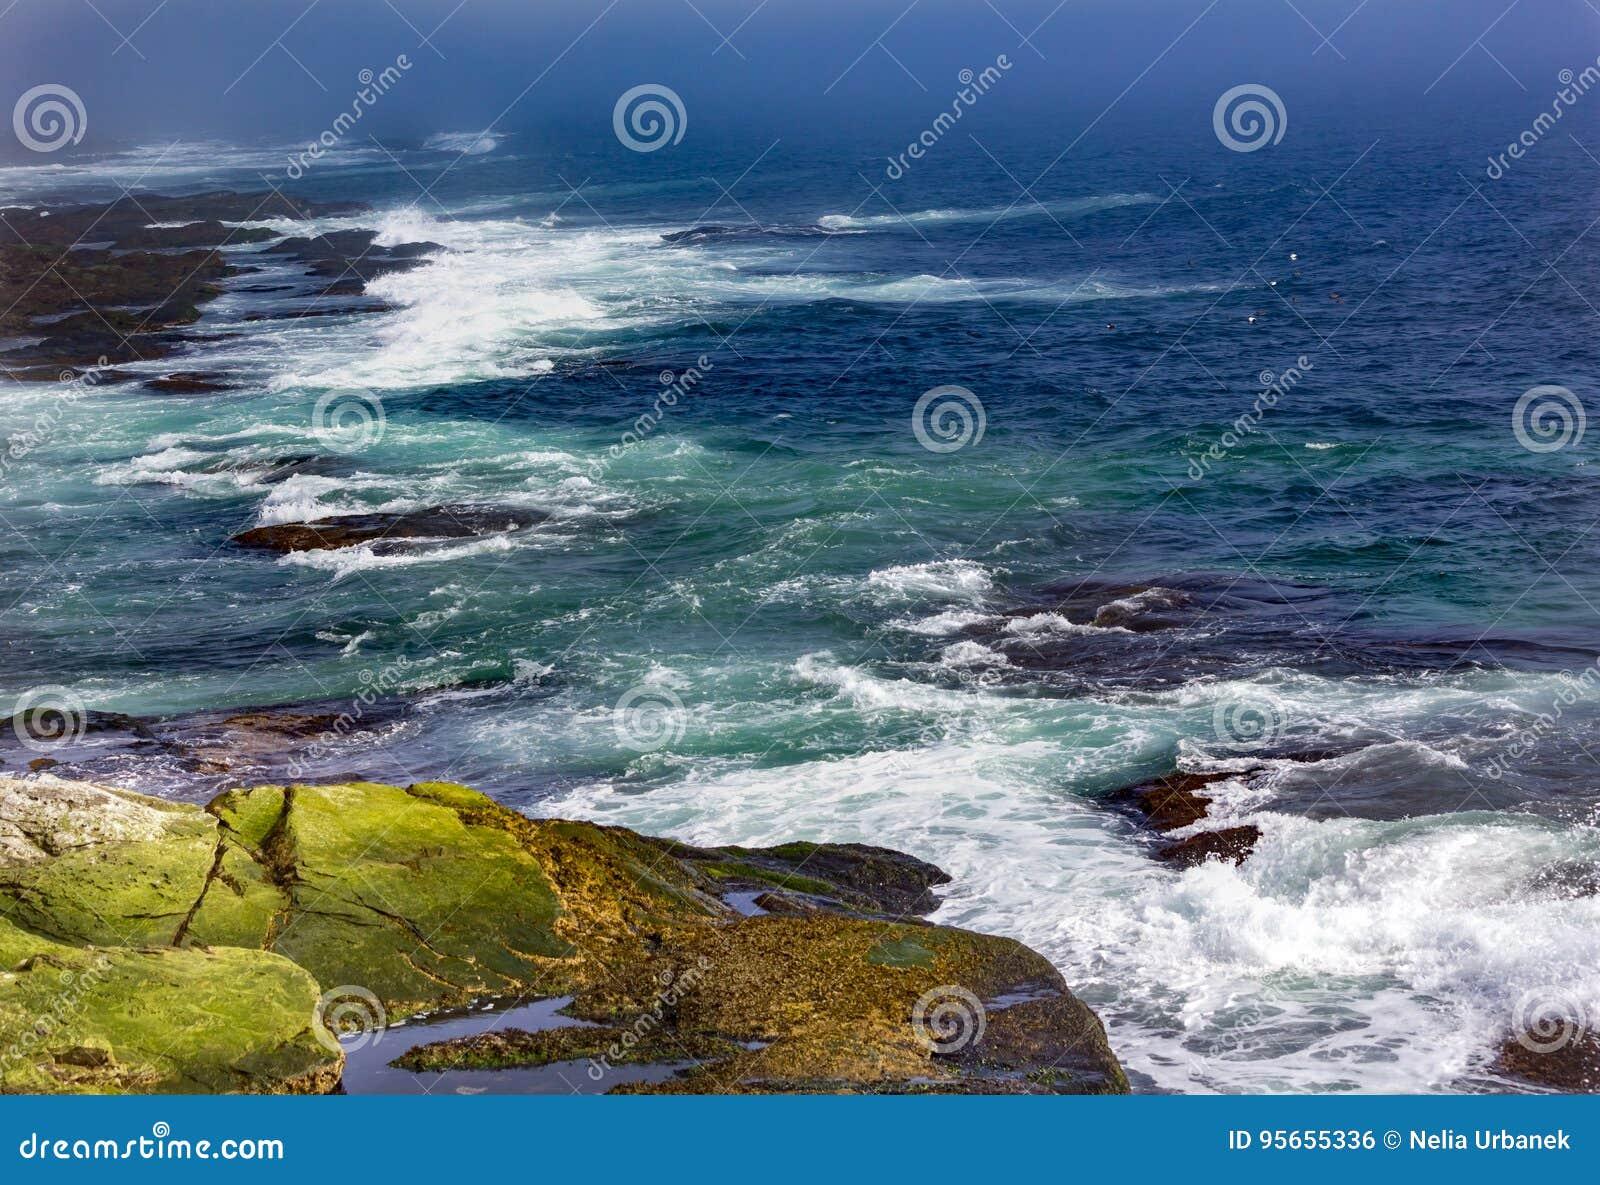 Seemöwen fliegen und Wellen stoßen gegen Ufer in Beavertail, Jamest zusammen